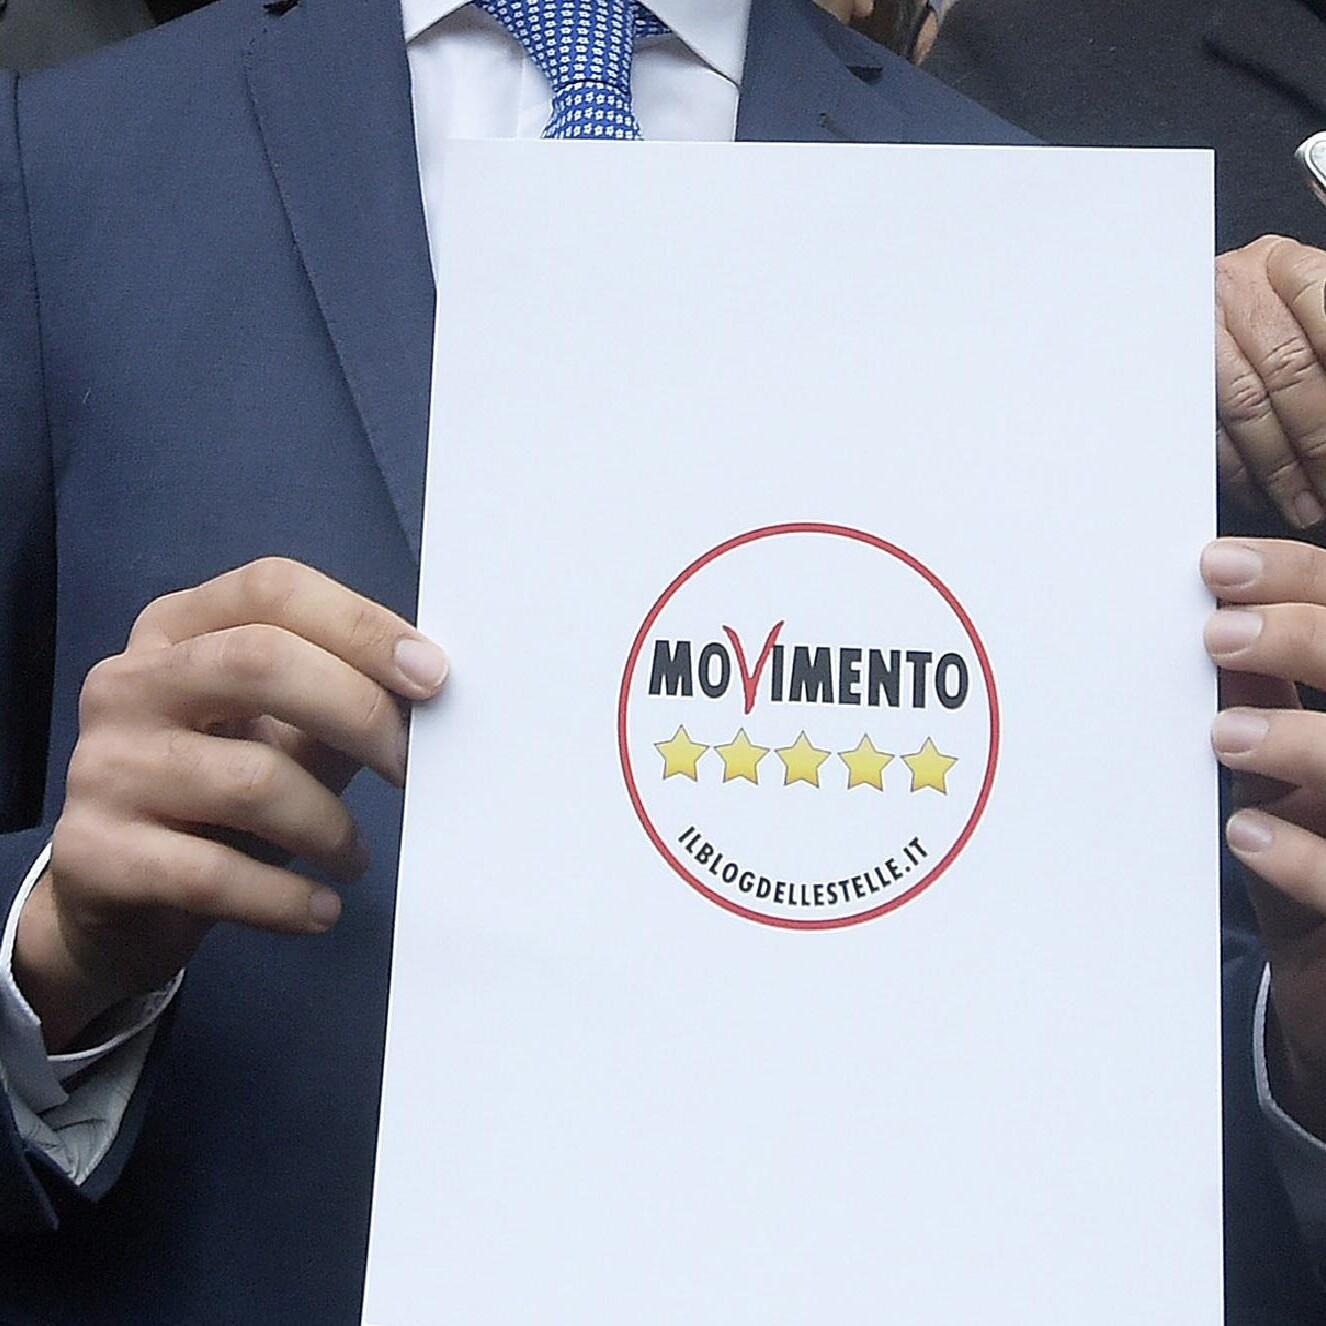 L'evoluzione del Movimento 5 Stelle